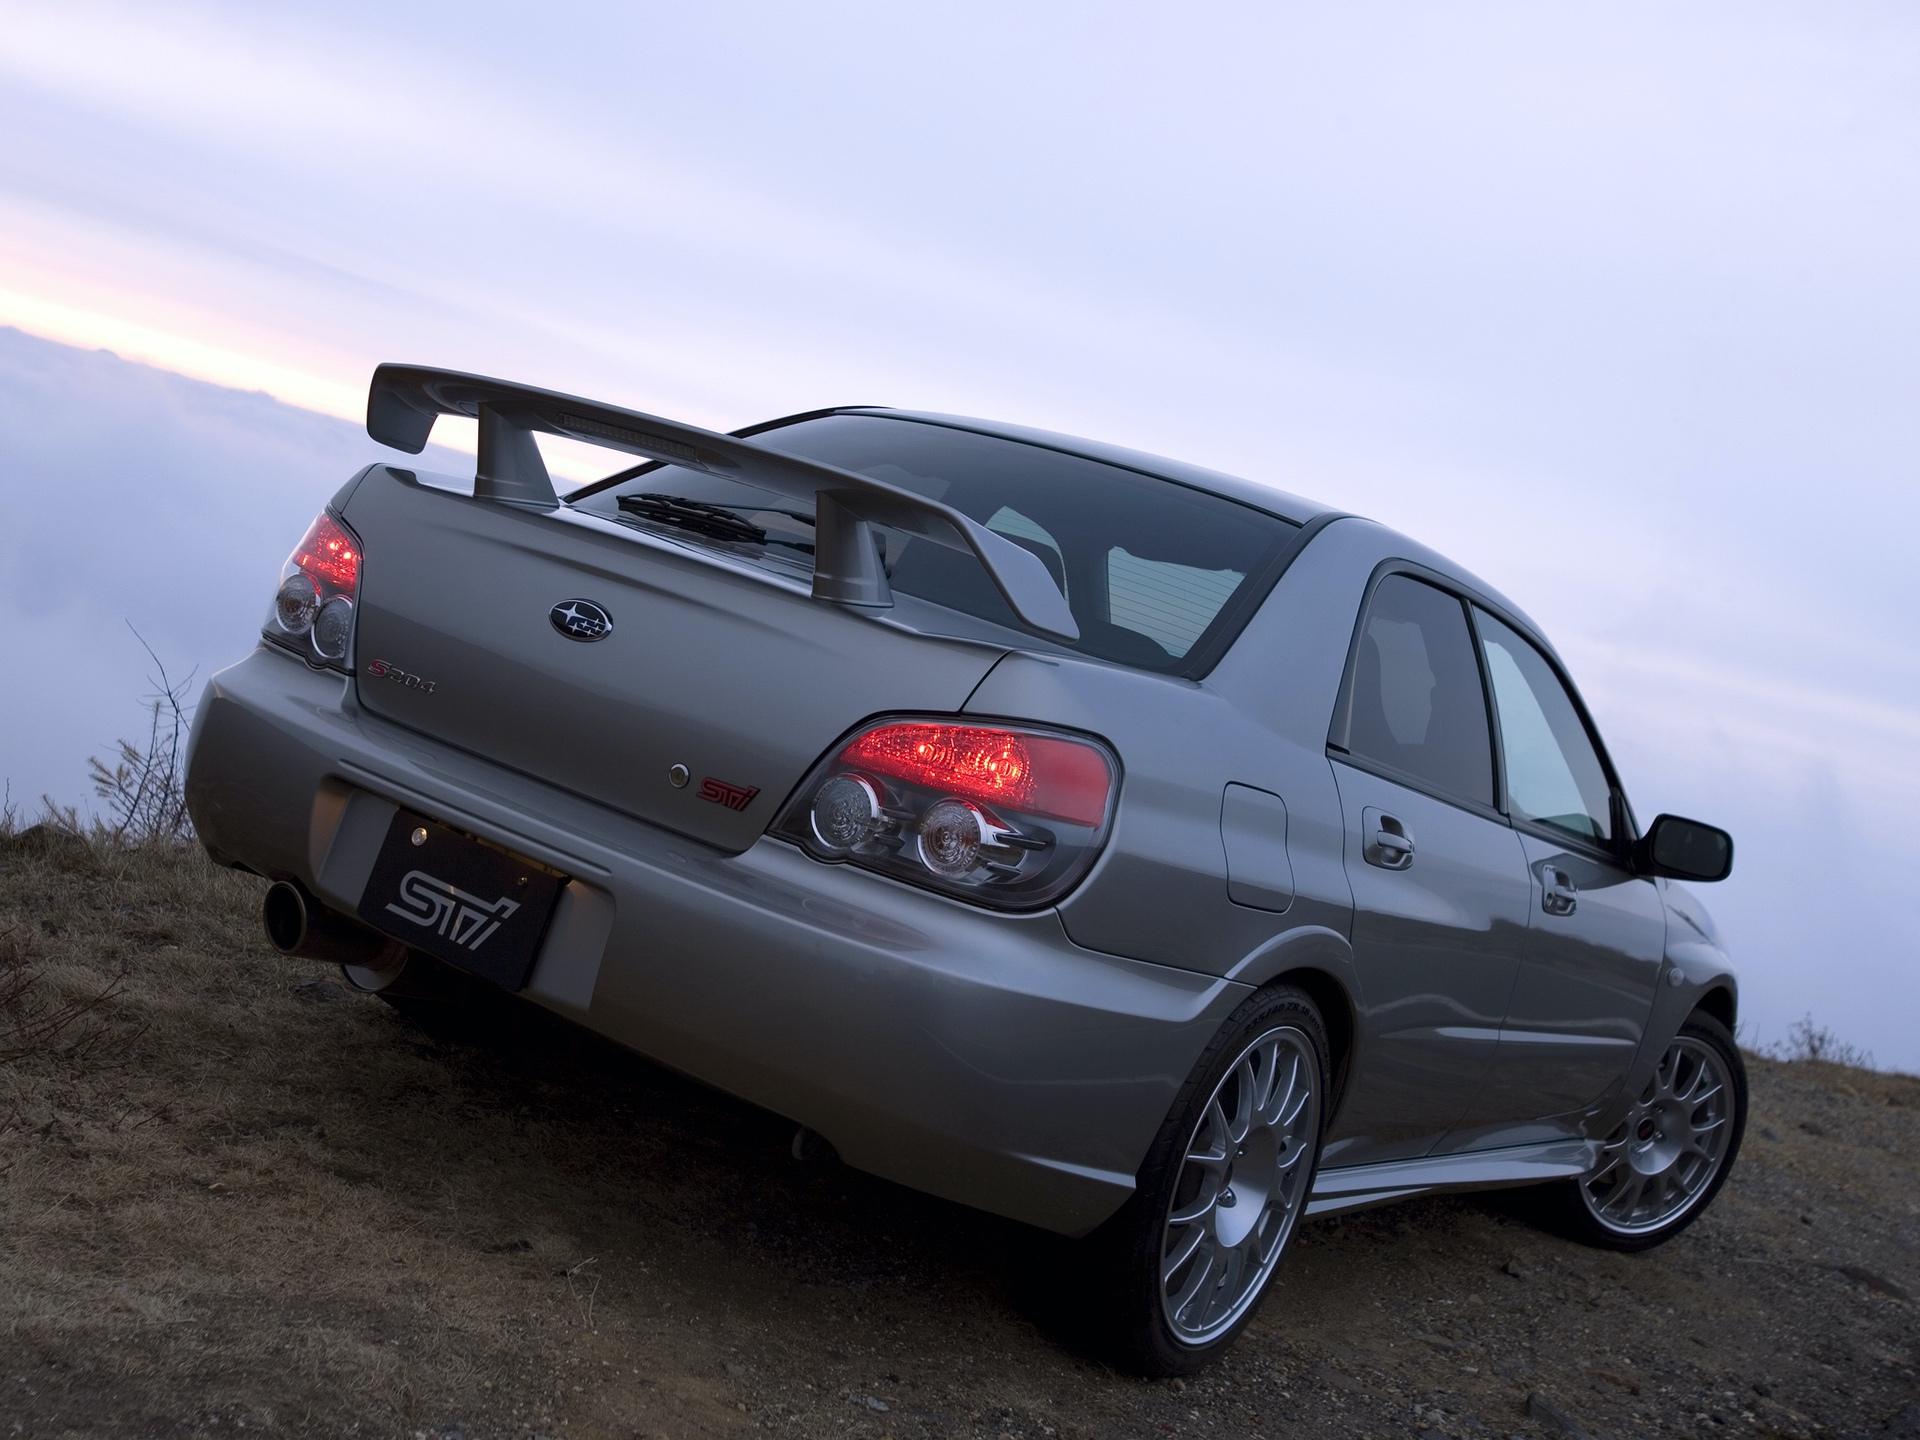 Subaru_Impreza_STI_S204_0002